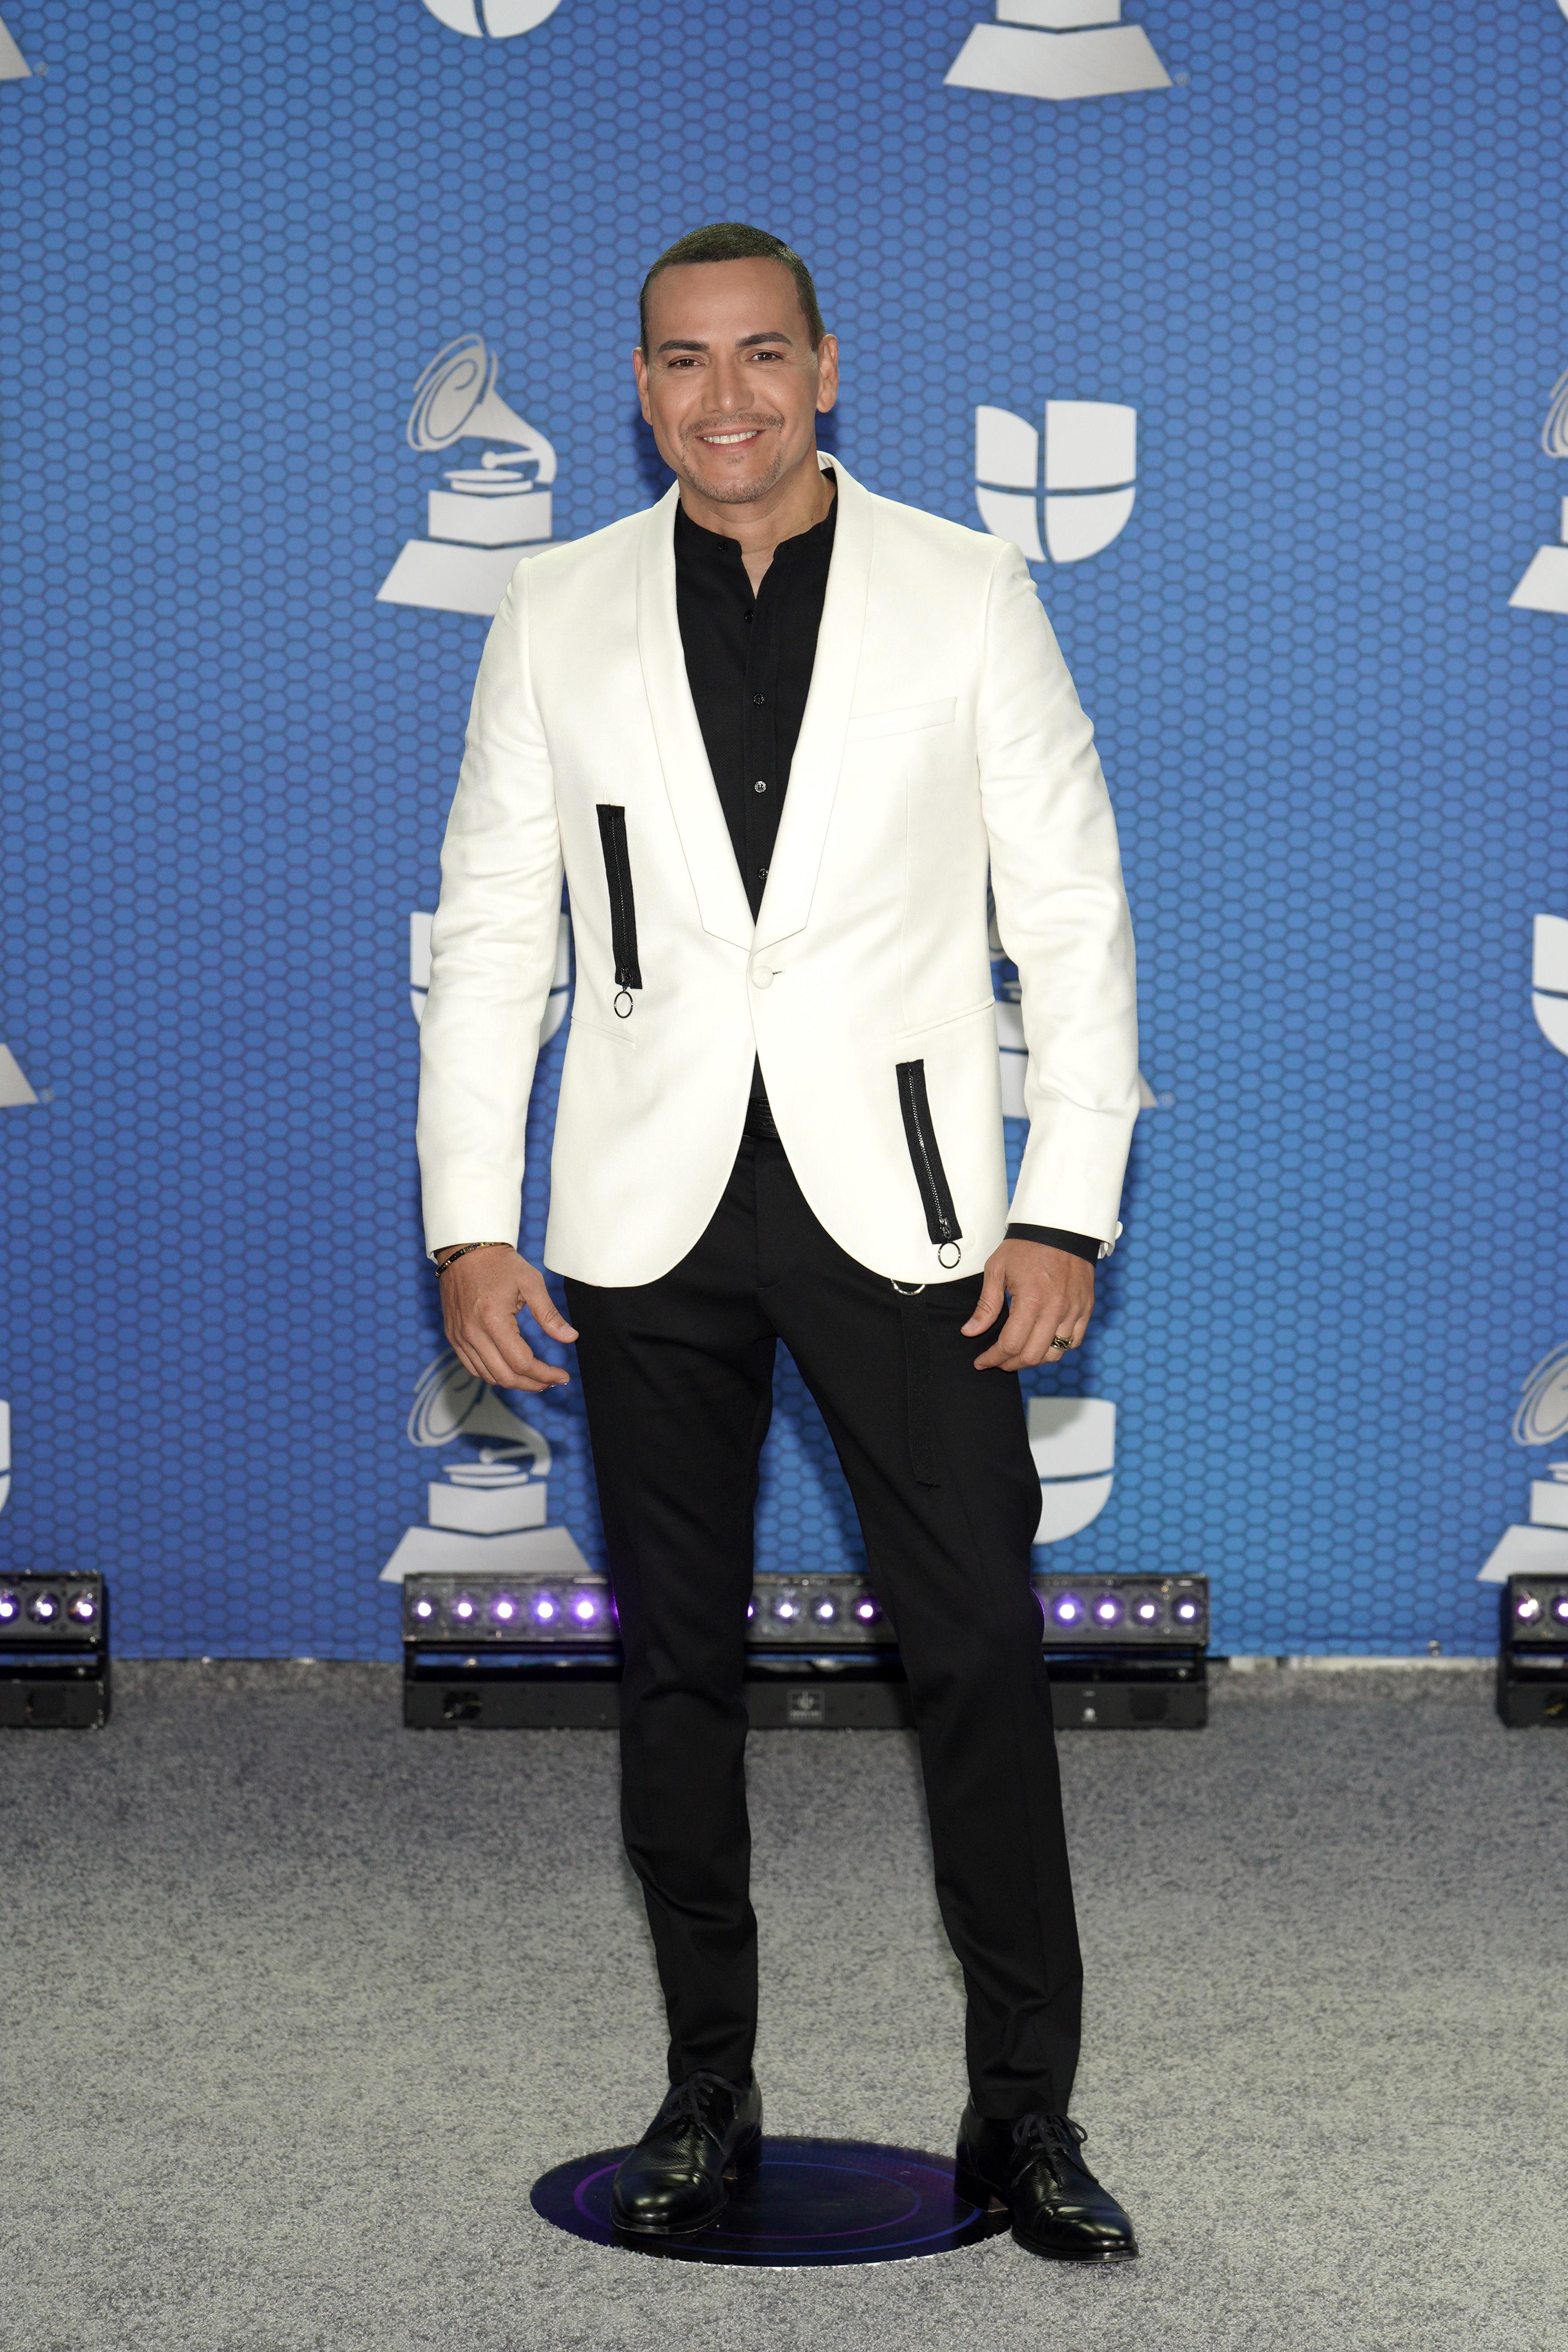 El salsero boricua Víctor Manuelle siempre ha demostrado su gusto por la moda. Anoche llevó una chaqueta blanca con detalles en negro que lo hizo lucir moderno y muy apropiado para el tipo de premiación. (Foto: Suministrada/ Univisión)